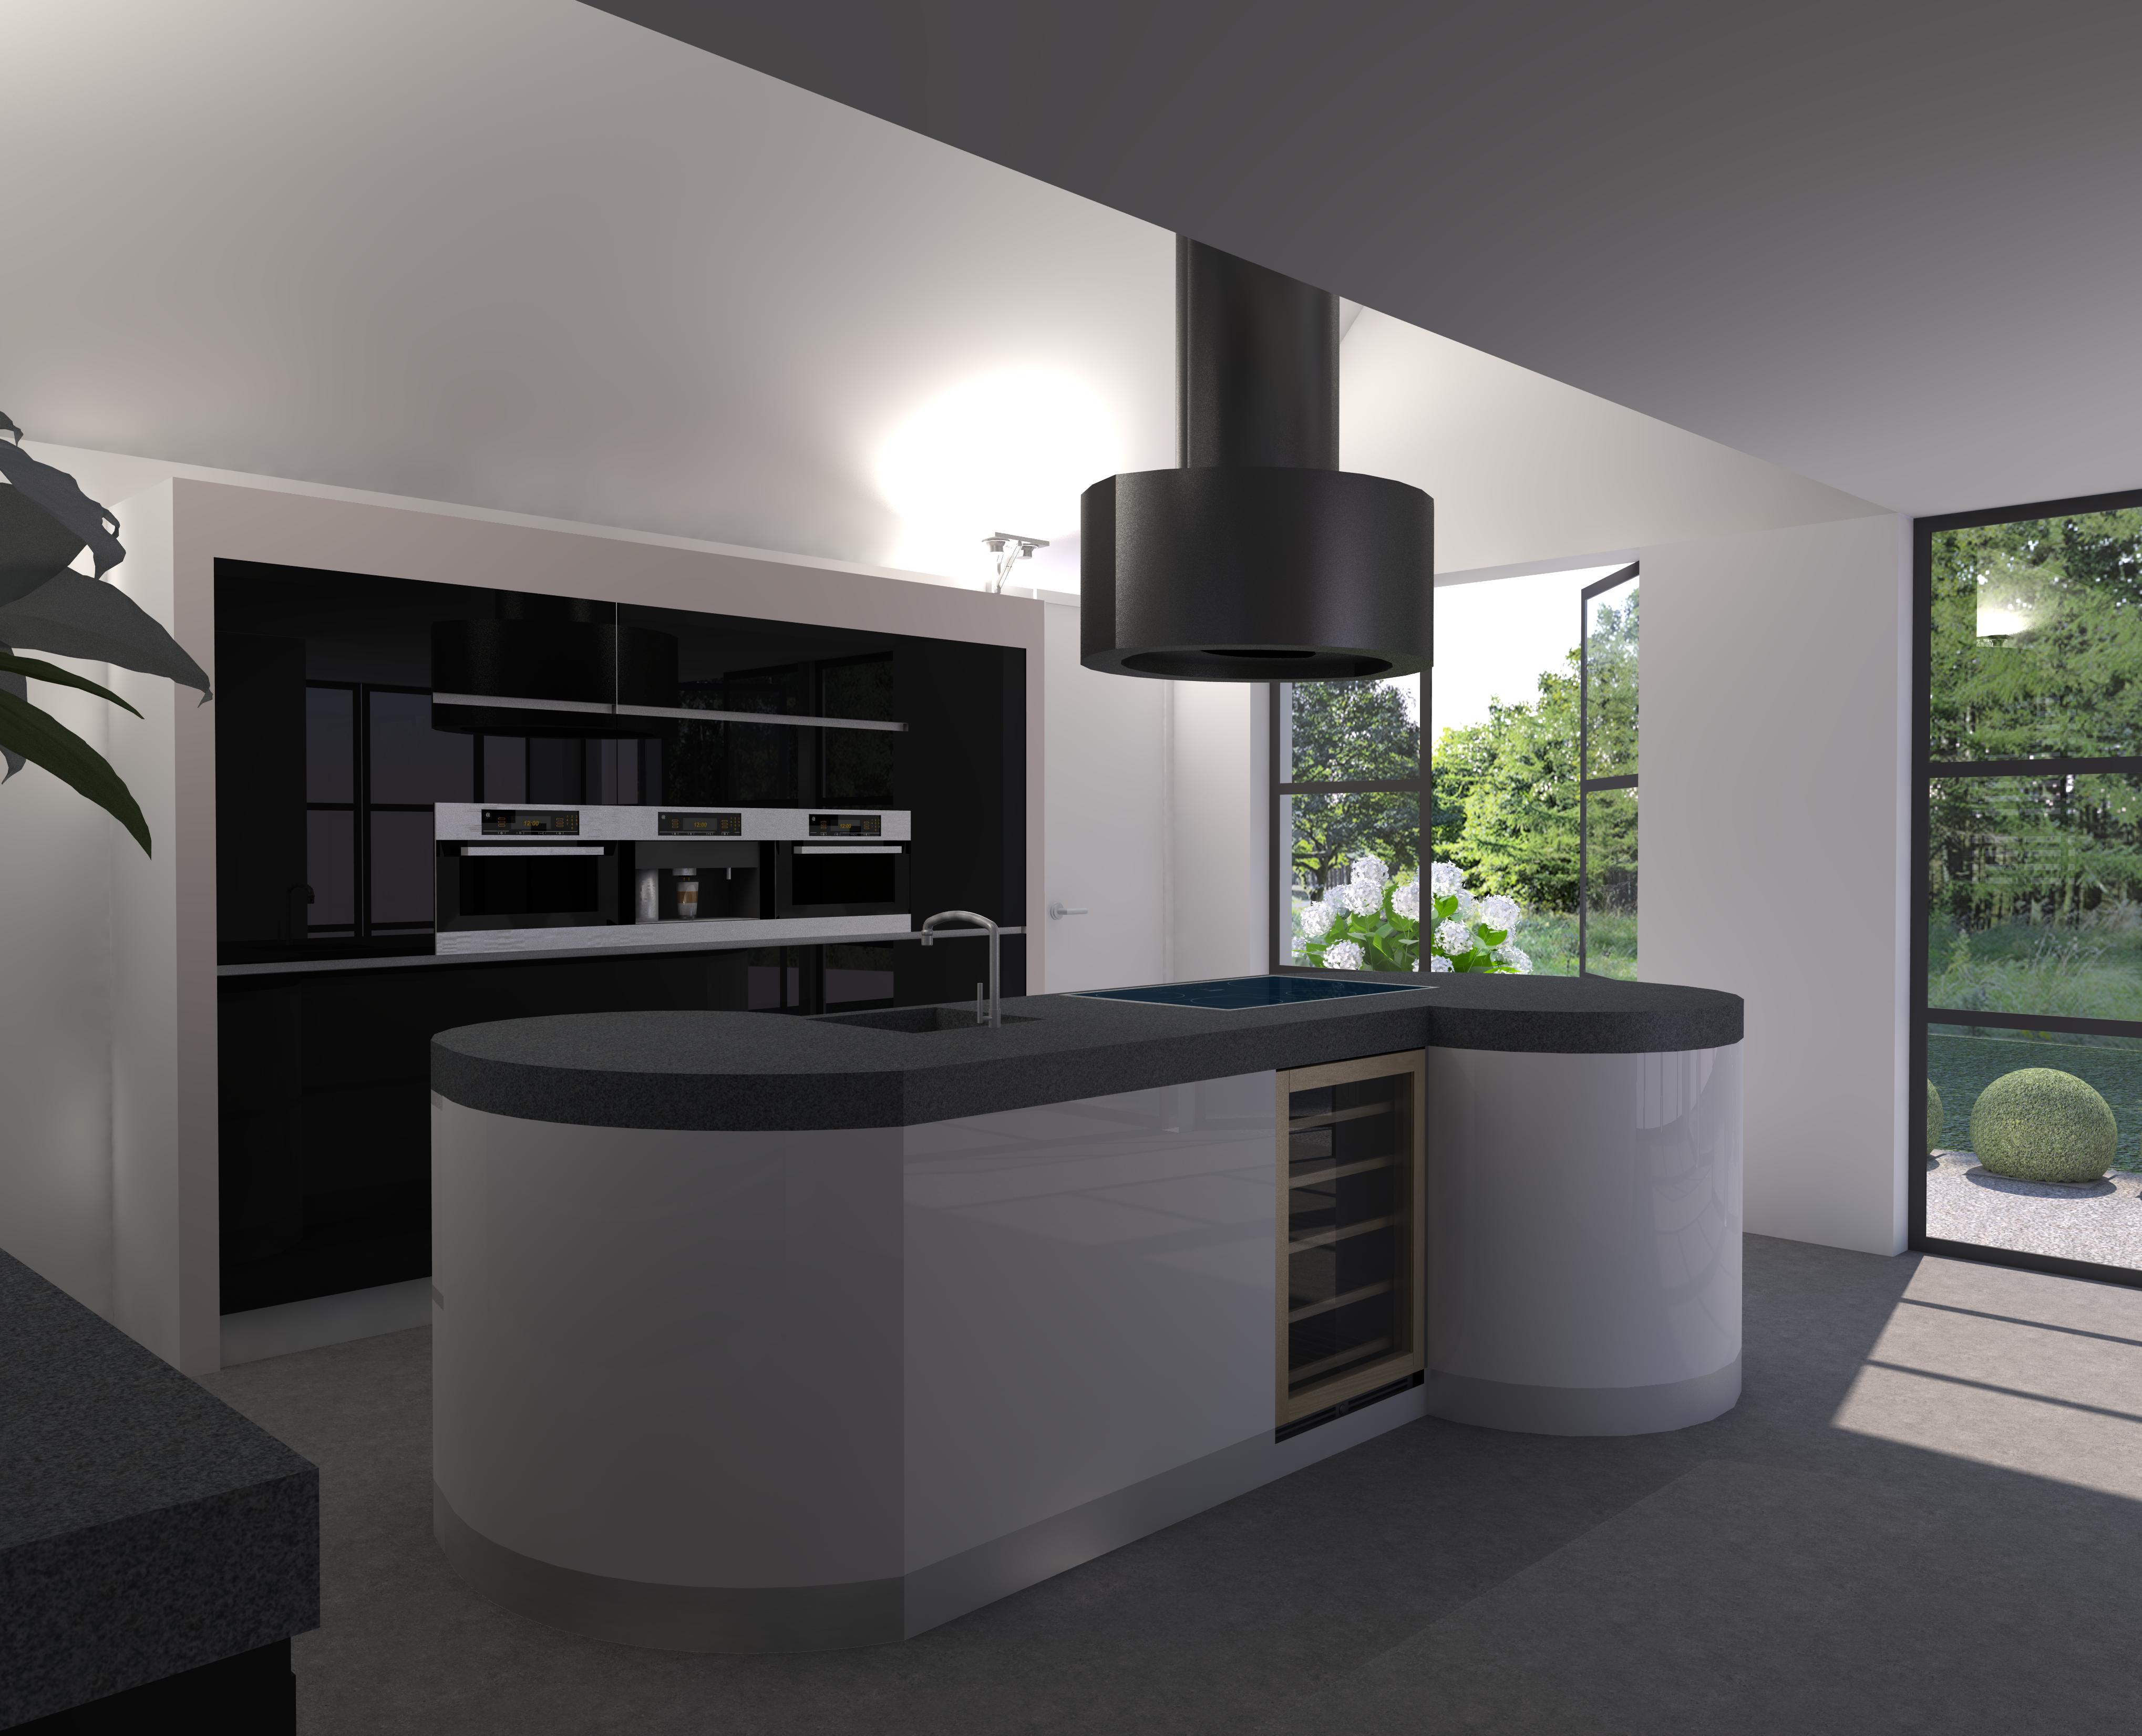 Kookeiland design - Deco keuken ontwerp ...